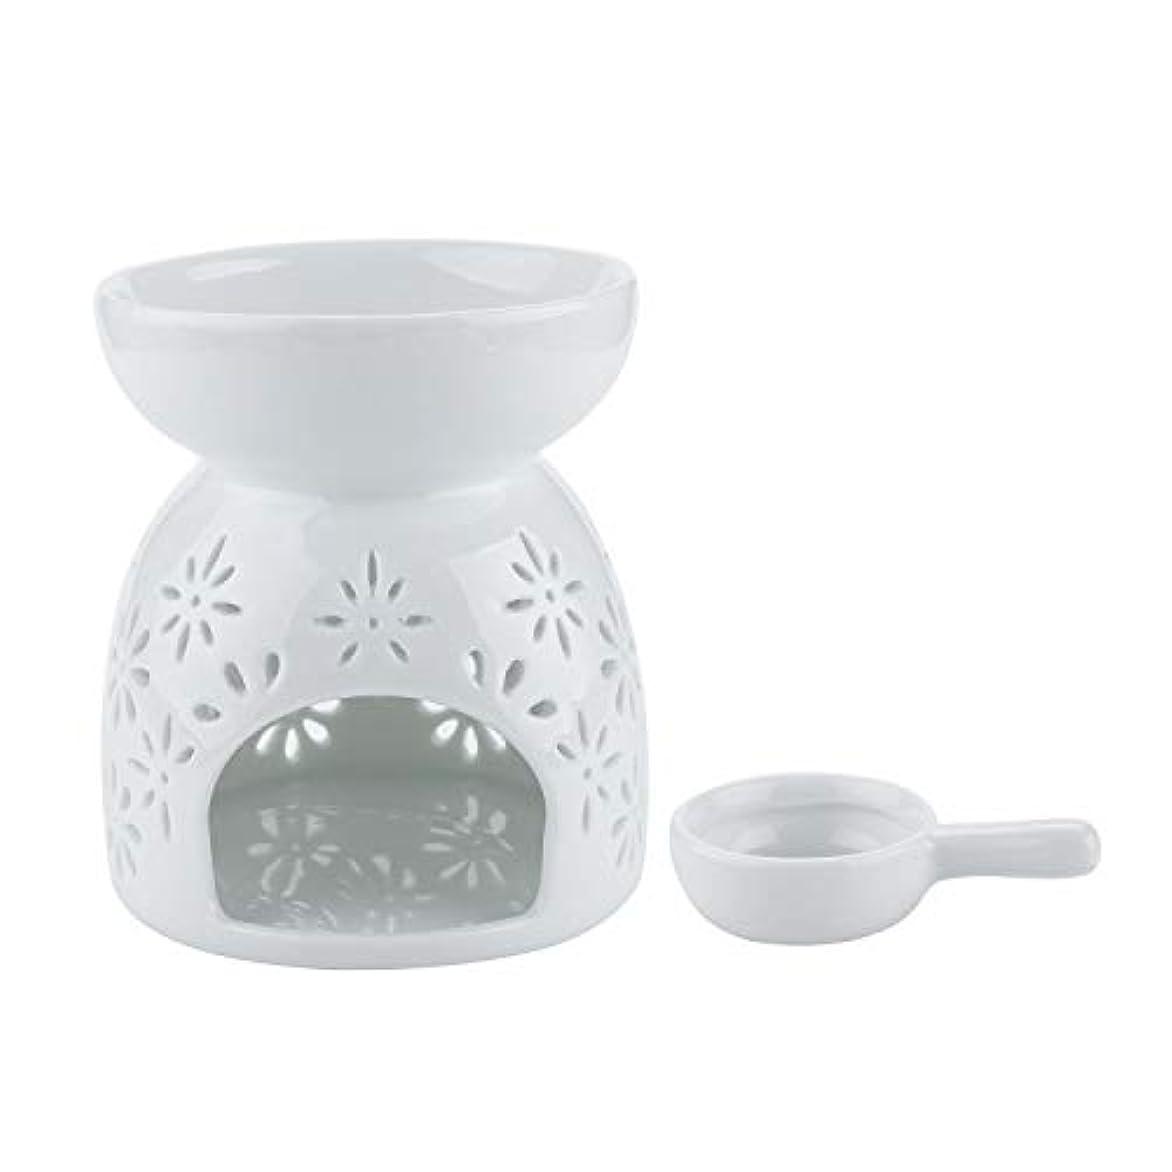 不足偽善者おとこRachel's Choice 陶製 アロマ ランプ ディフューザー アロマキャンドル キャンドルホルダー 花形 ホワイト